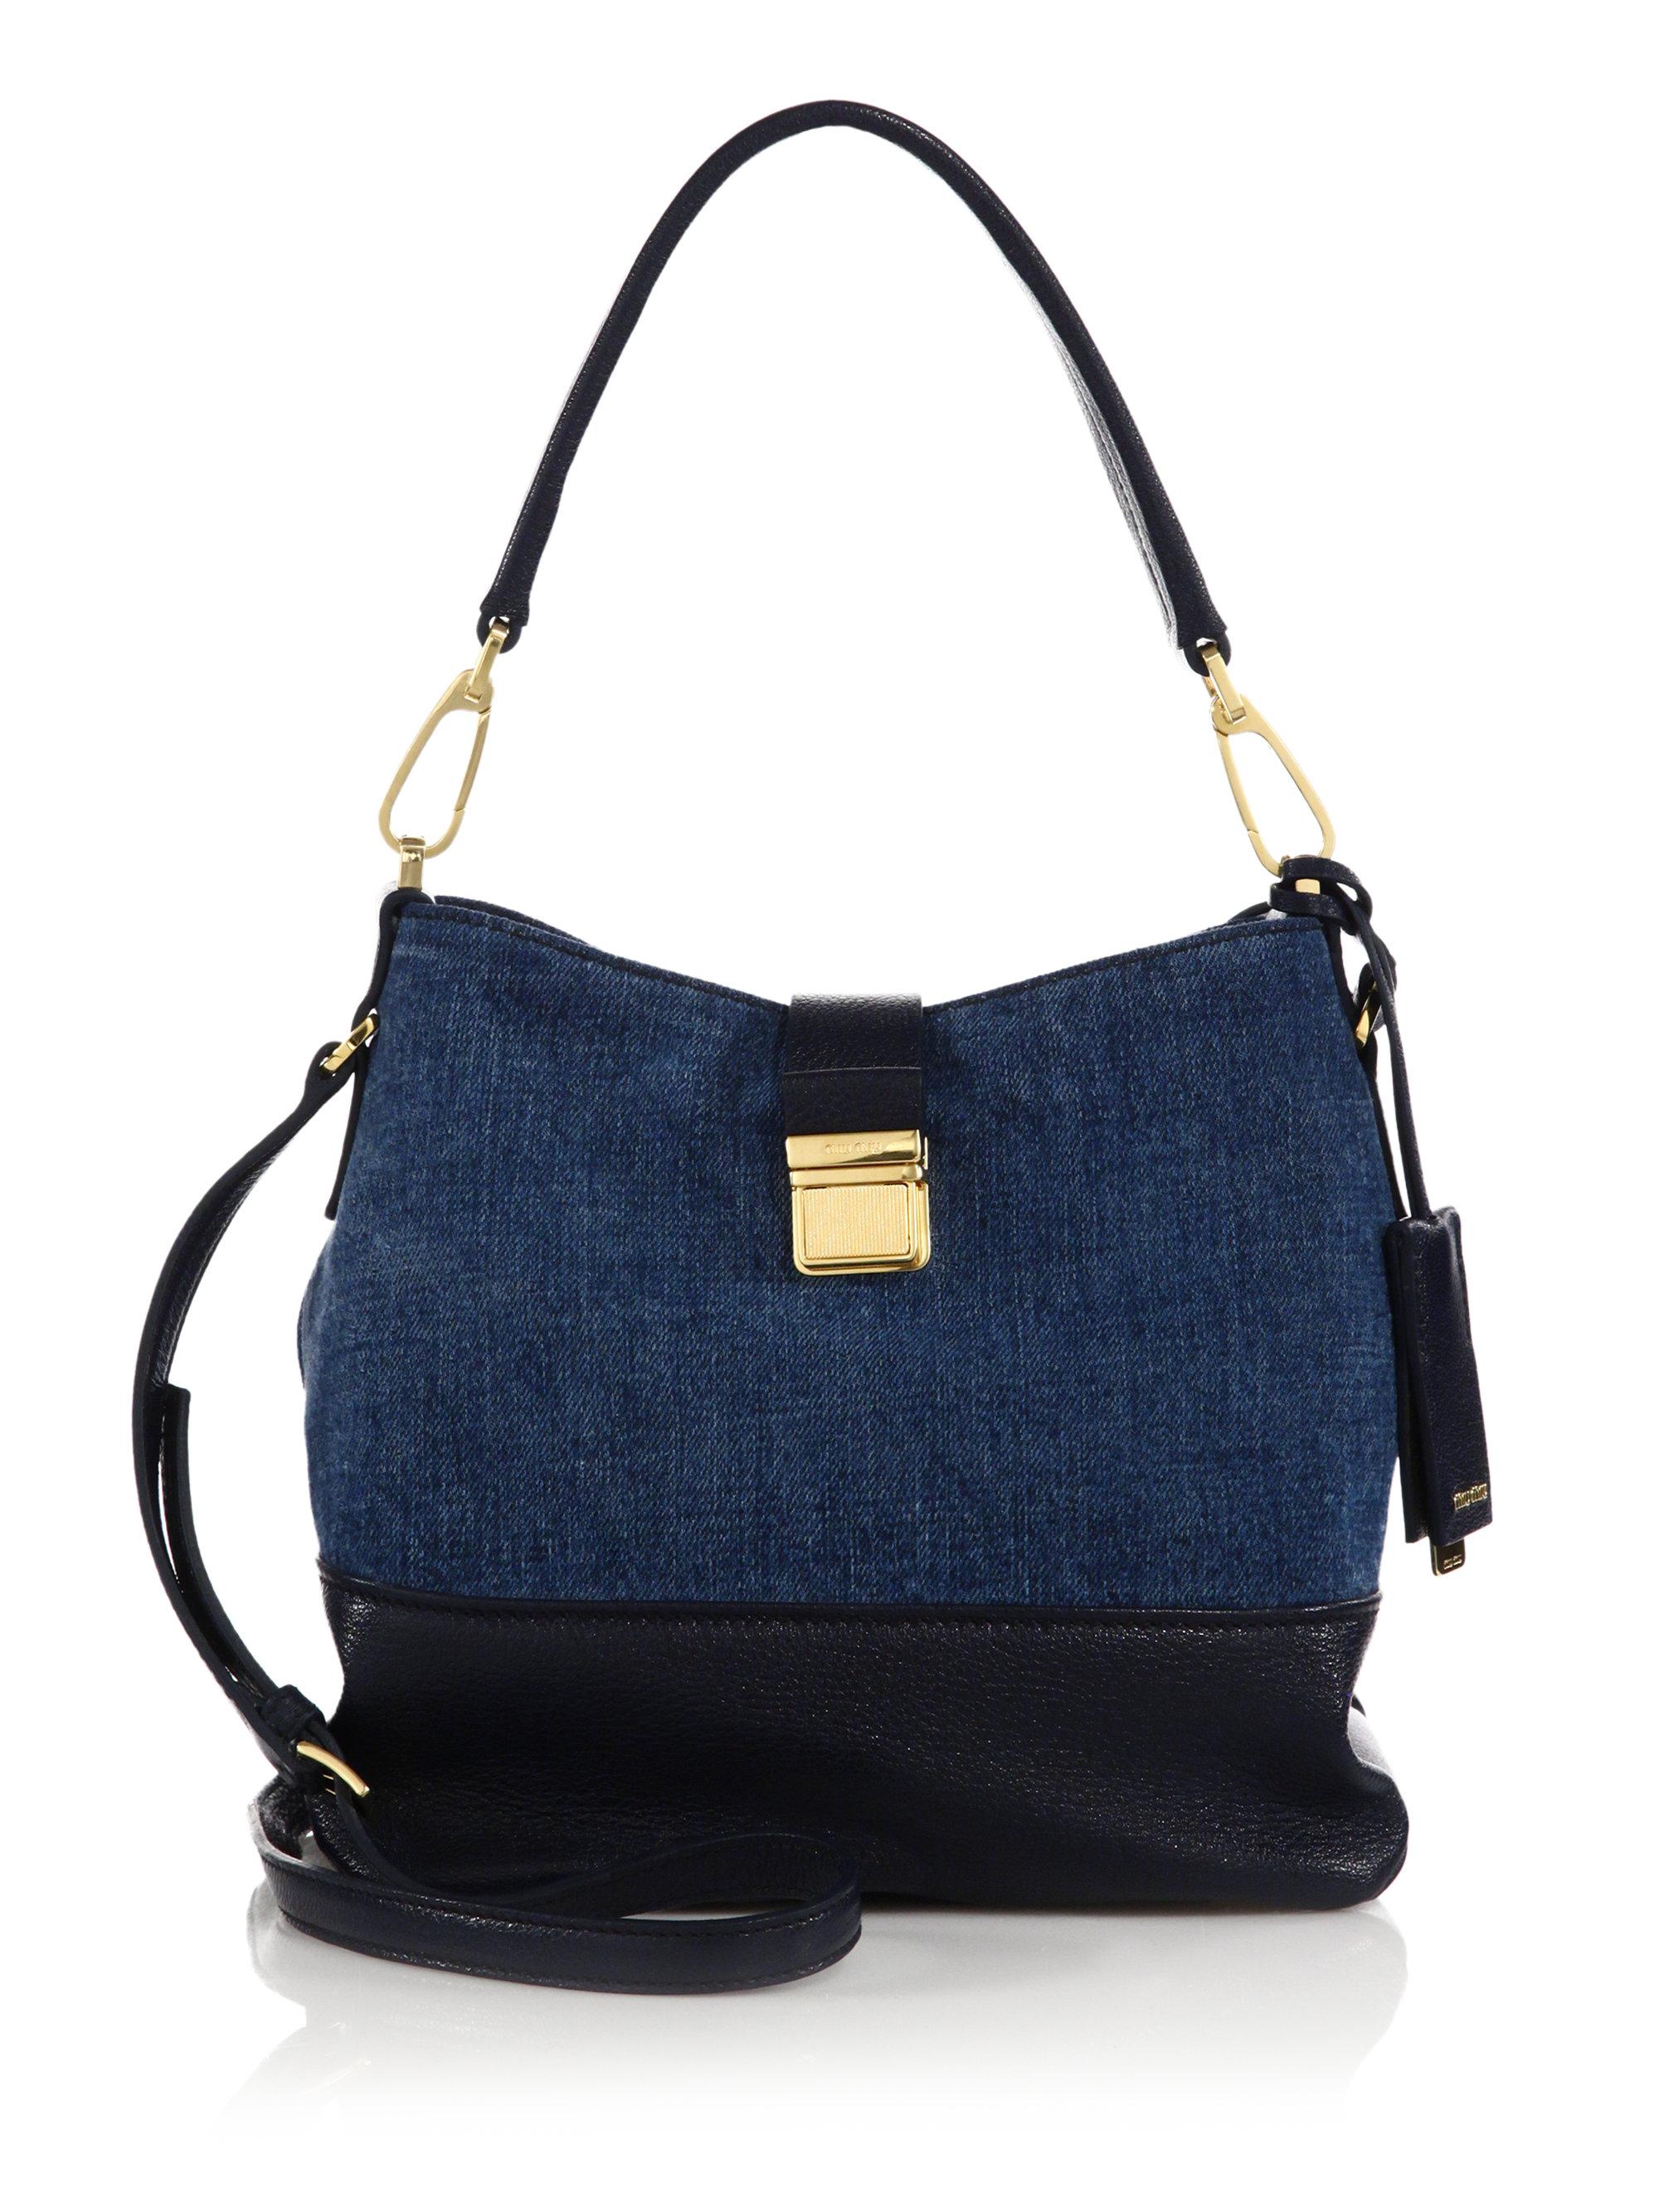 Miu miu Denim Hobo Bag in Blue | Lyst